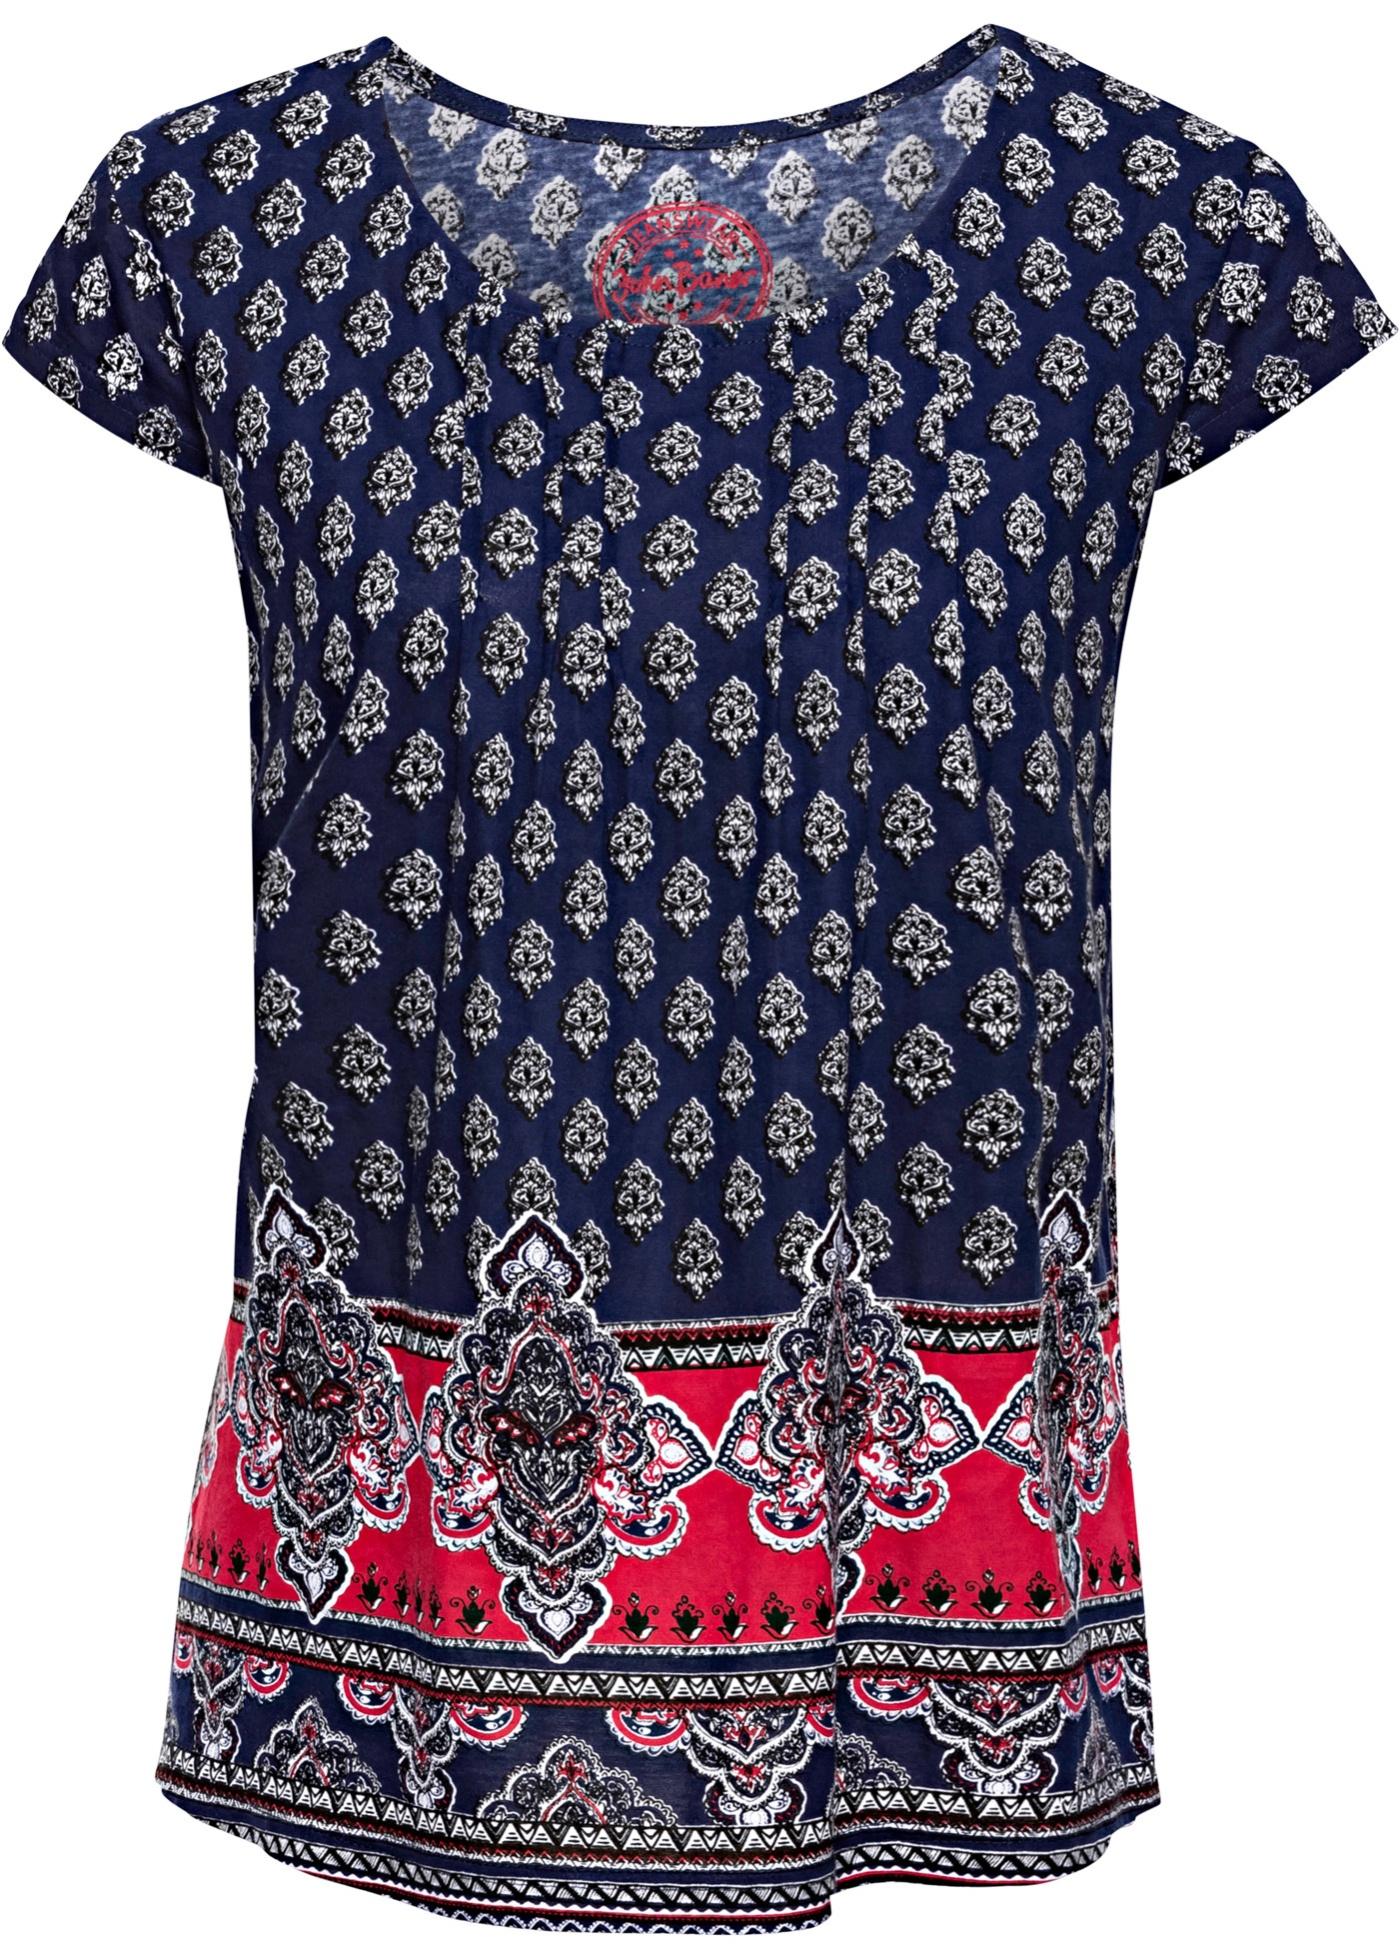 Bleu Jeanswear Pour shirt Baner John BonprixT Manches Femme À Courtes Imprimé Coton Ygyvbf67